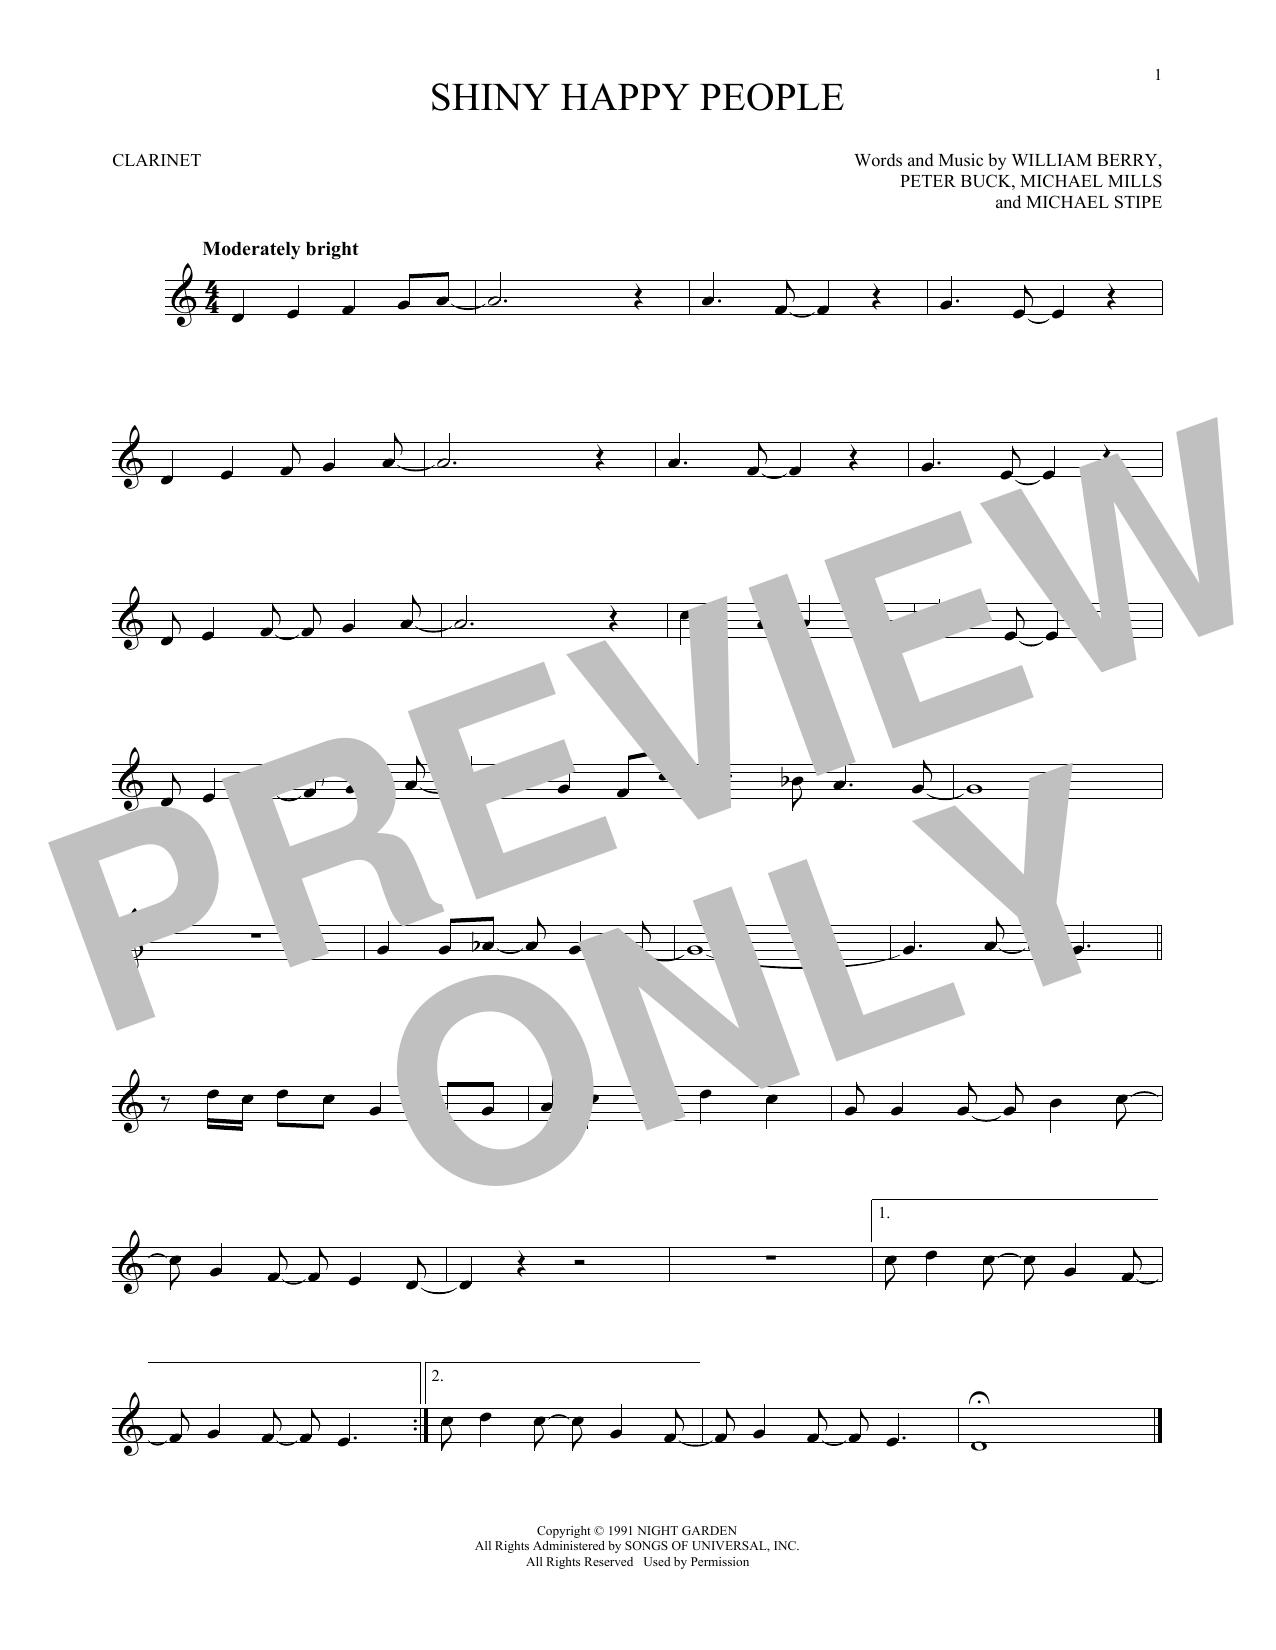 Shiny Happy People (Clarinet Solo)